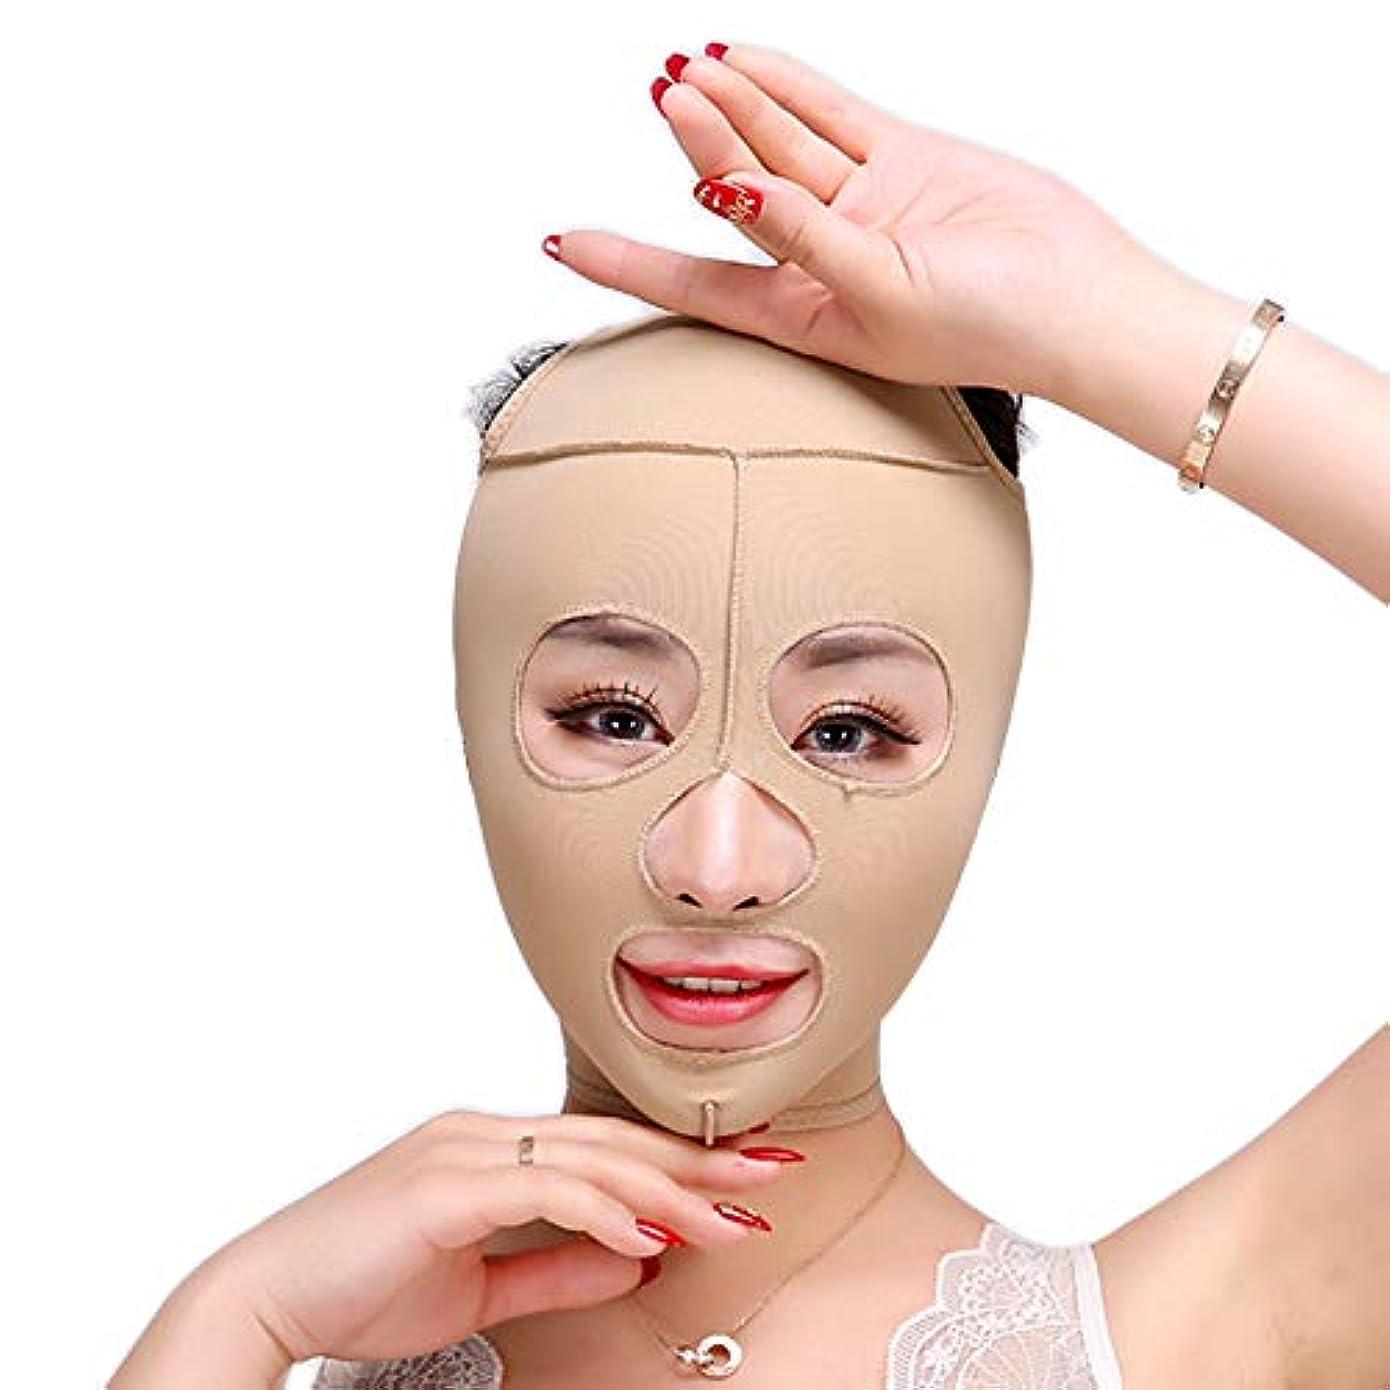 憂慮すべき細断恥ずかしさ顔を細くするためのフェイスリフトフルマスク、抗シワグルーミングレジューサスキン引き締めフェイシャルケアフェイスベルト,L